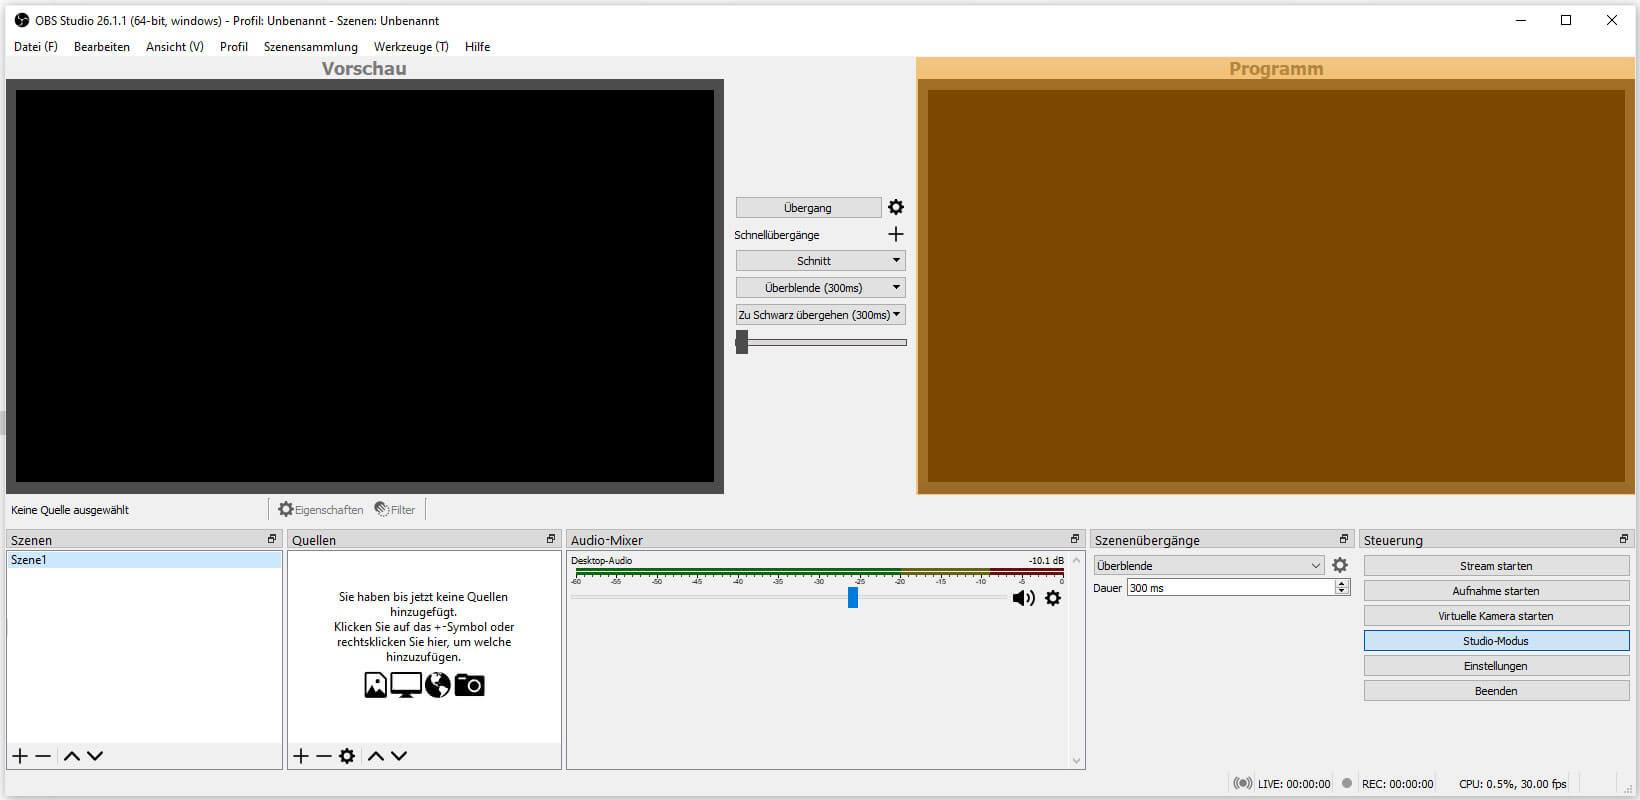 OBS Studio 26.1.1 – Steuerung - Studio-Modus - Programm